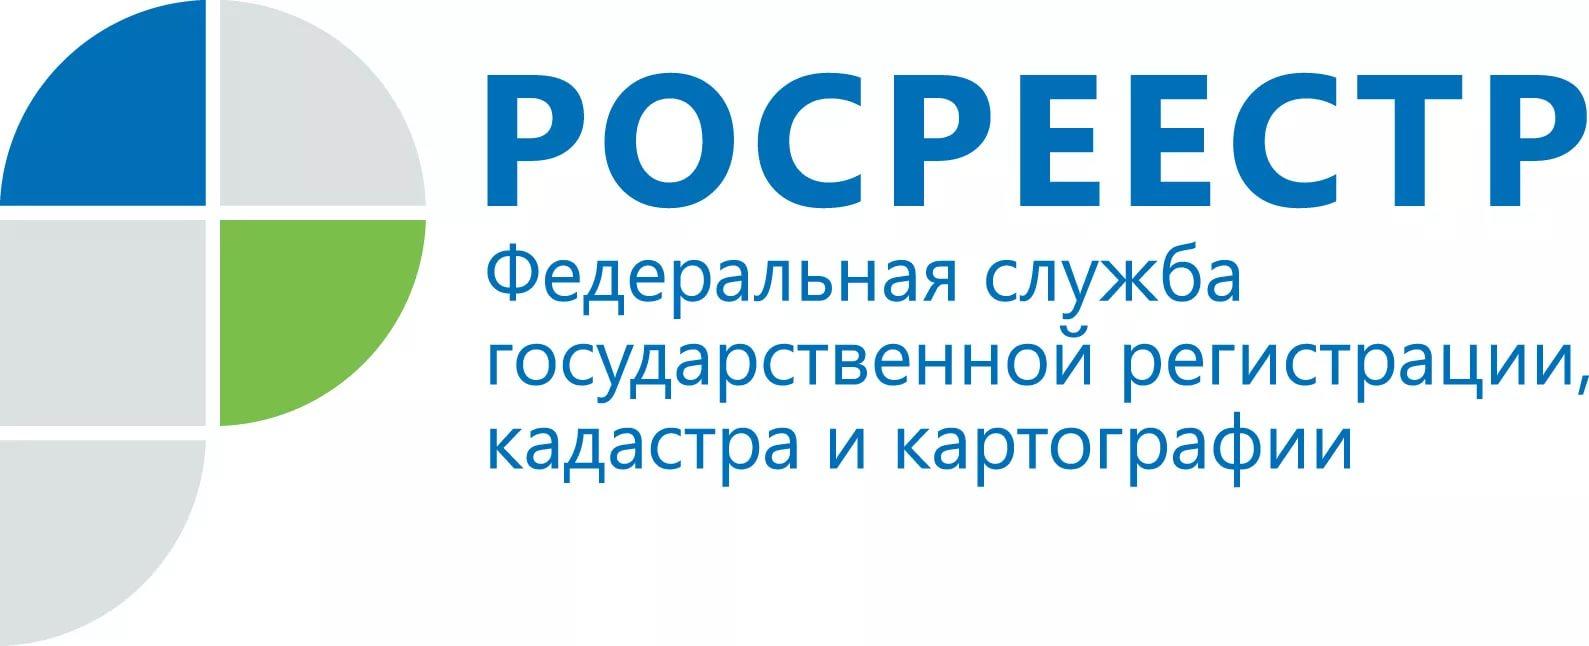 Труды | Шекснинская газета  Звезда